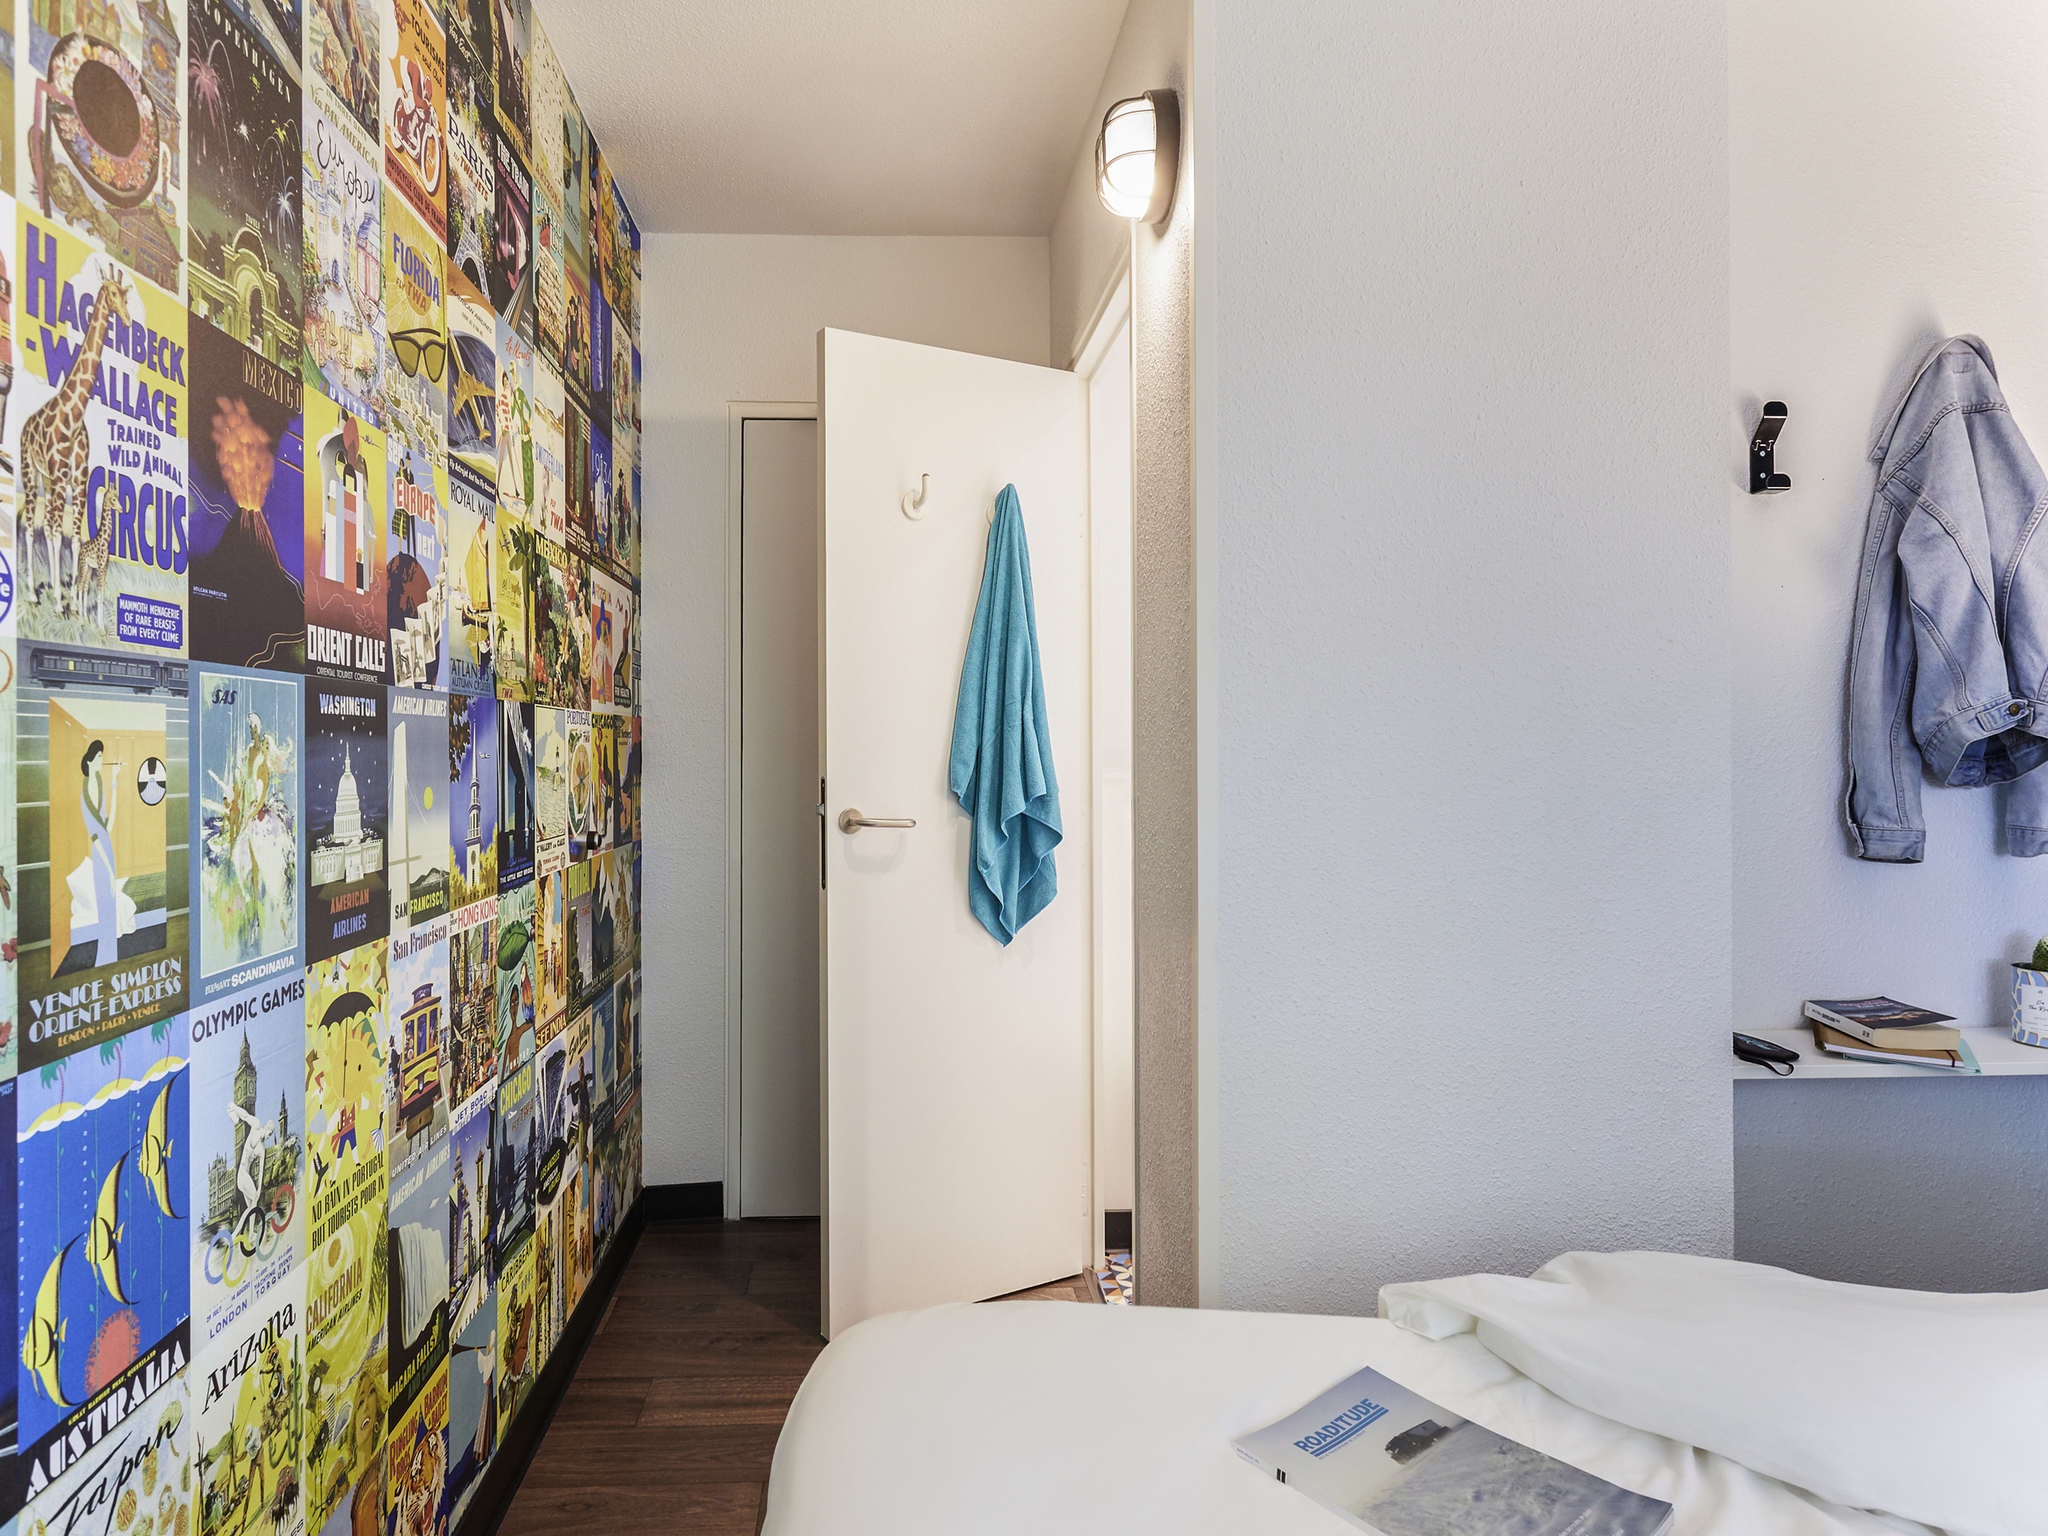 ホテル – hotelF1 Marne-la-Vallée Collégien (rénové)